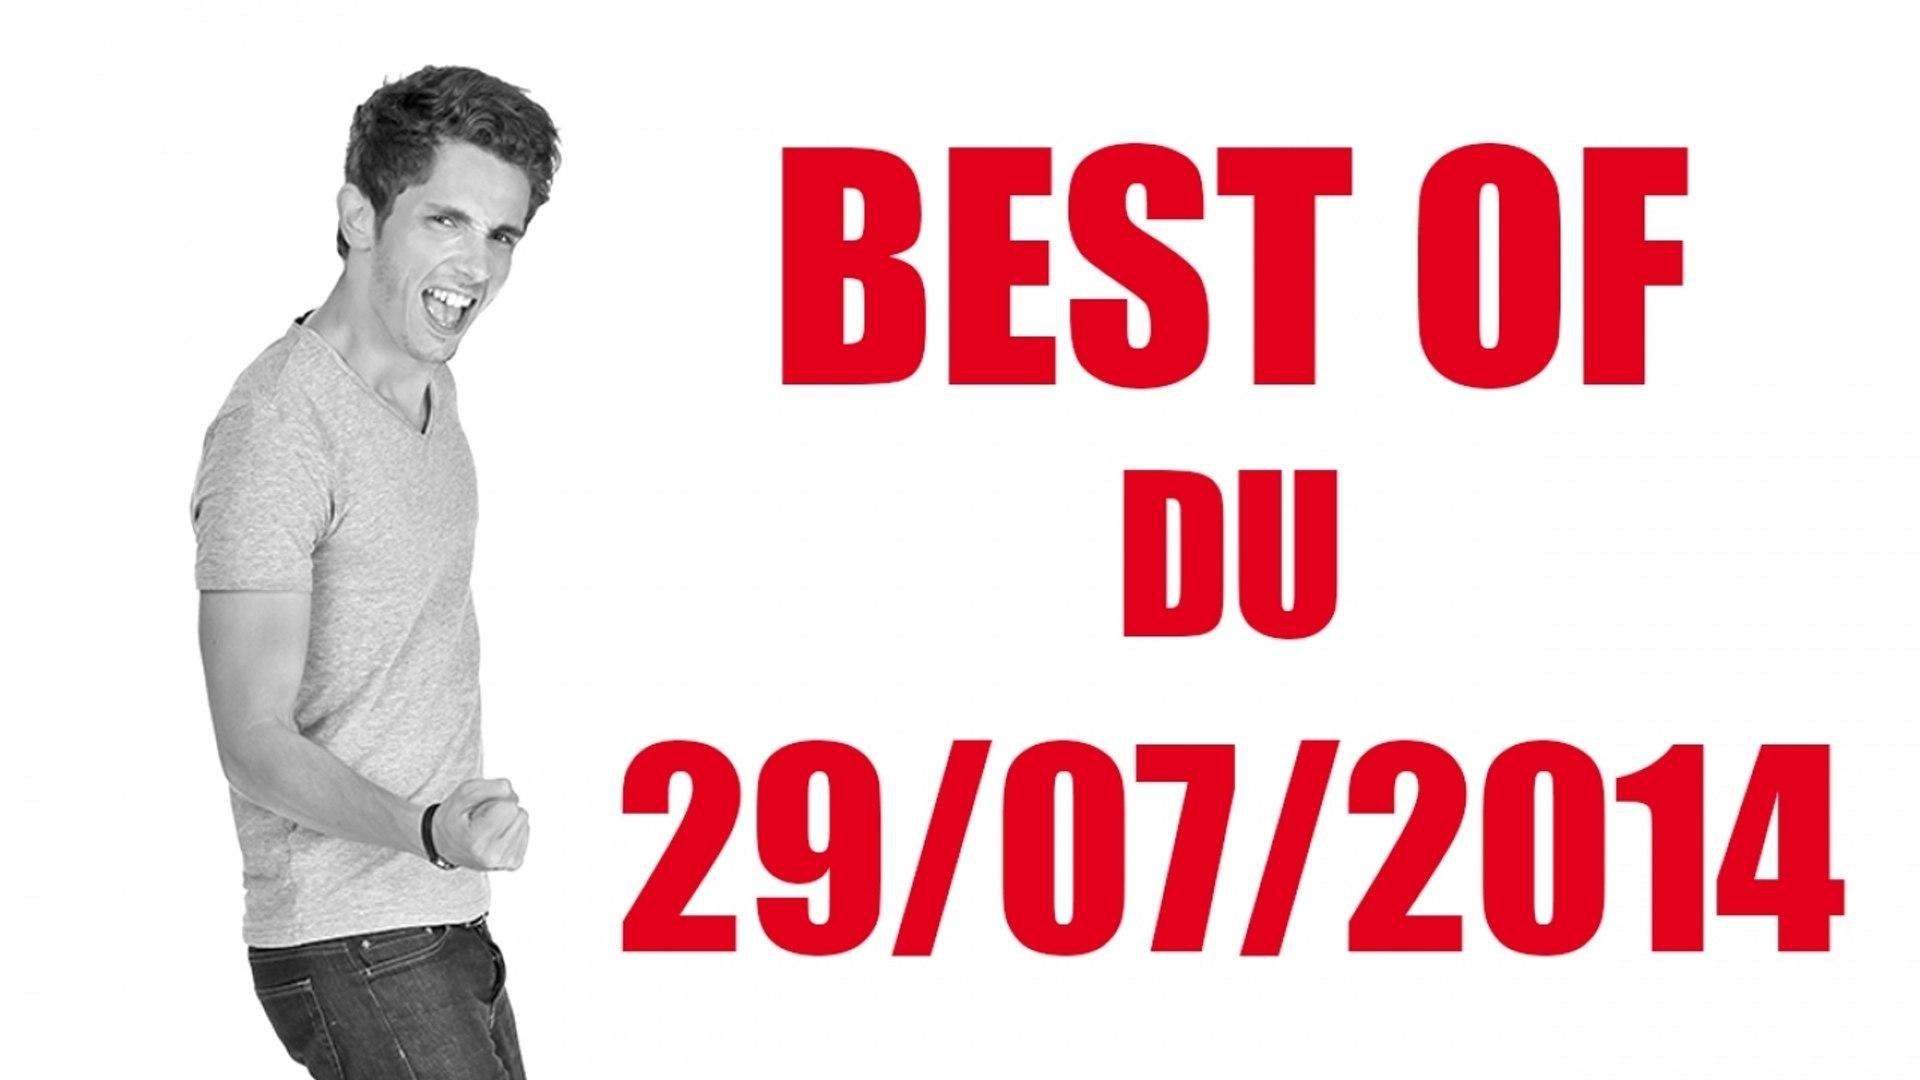 Best of vidéo Guillaume Radio 2.0 sur NRJ du 29/07/2014